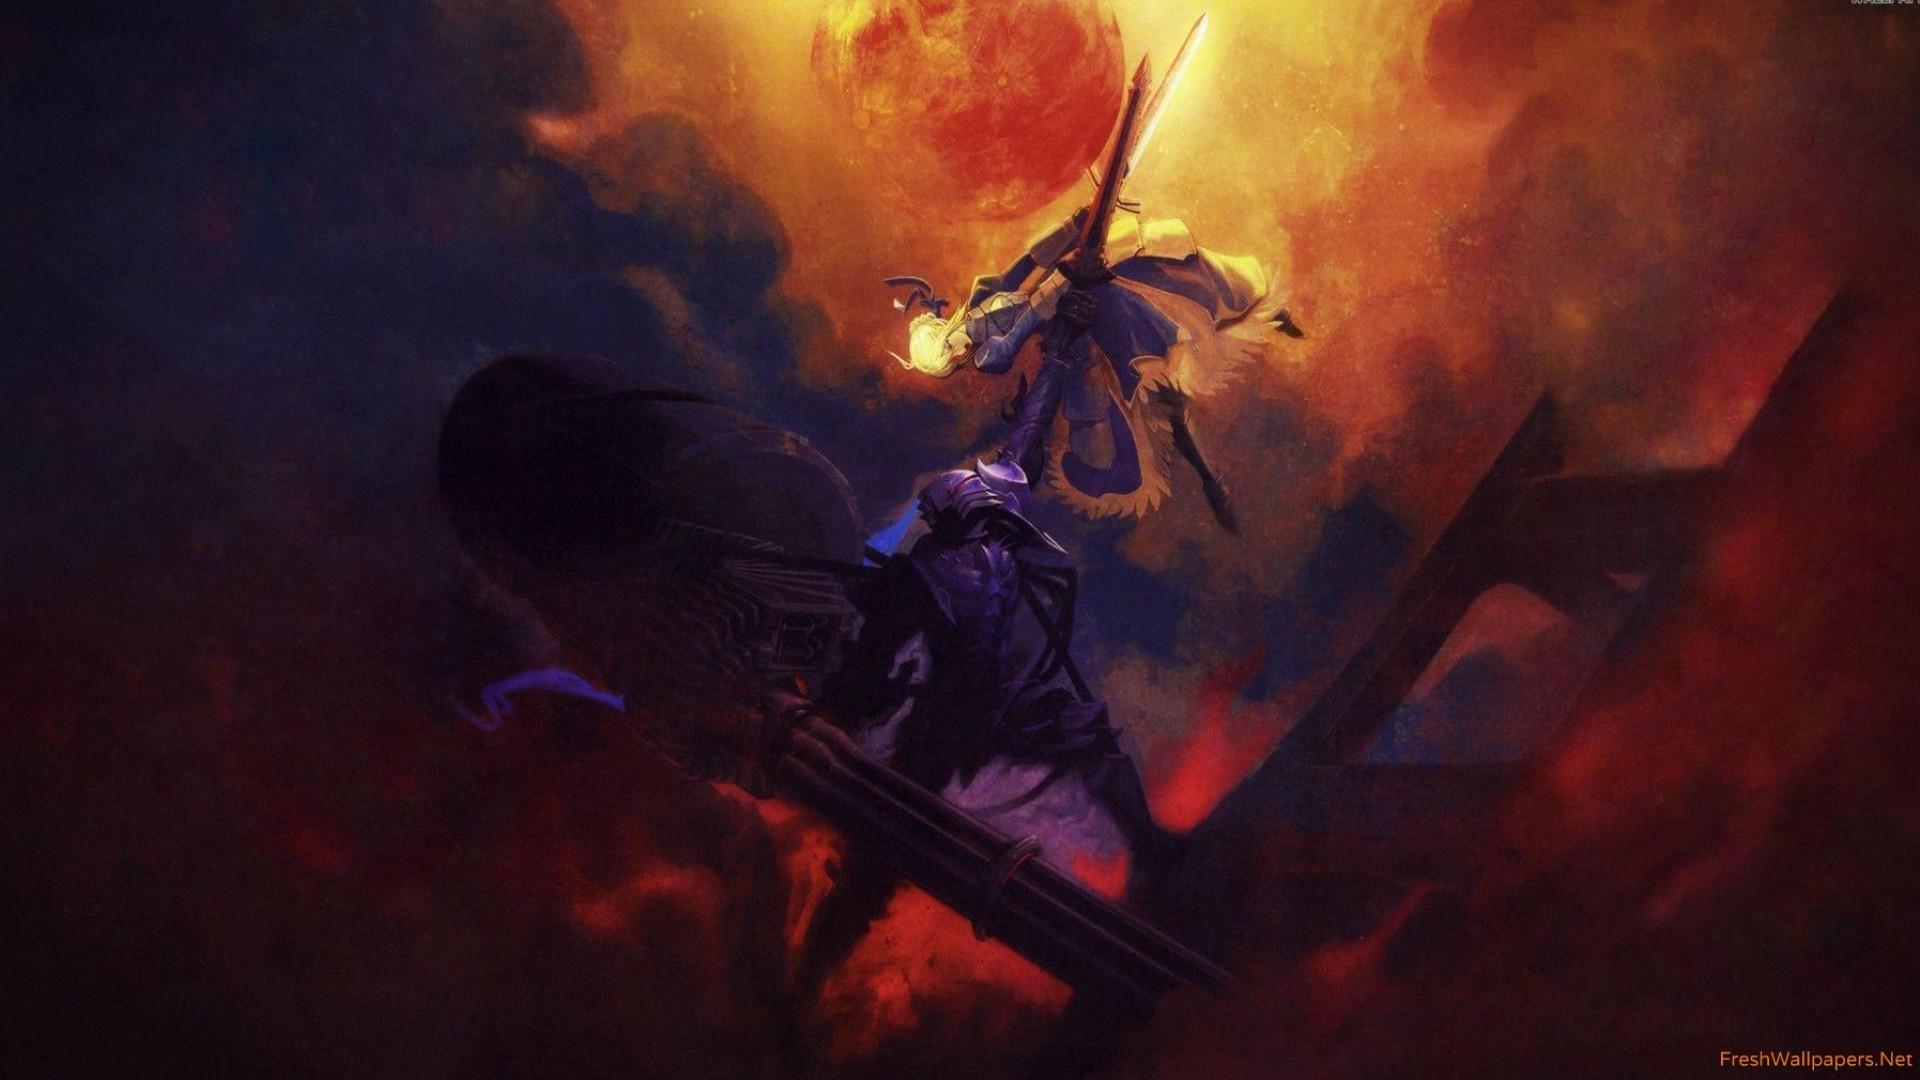 69 Fate Zero Wallpaper Hd